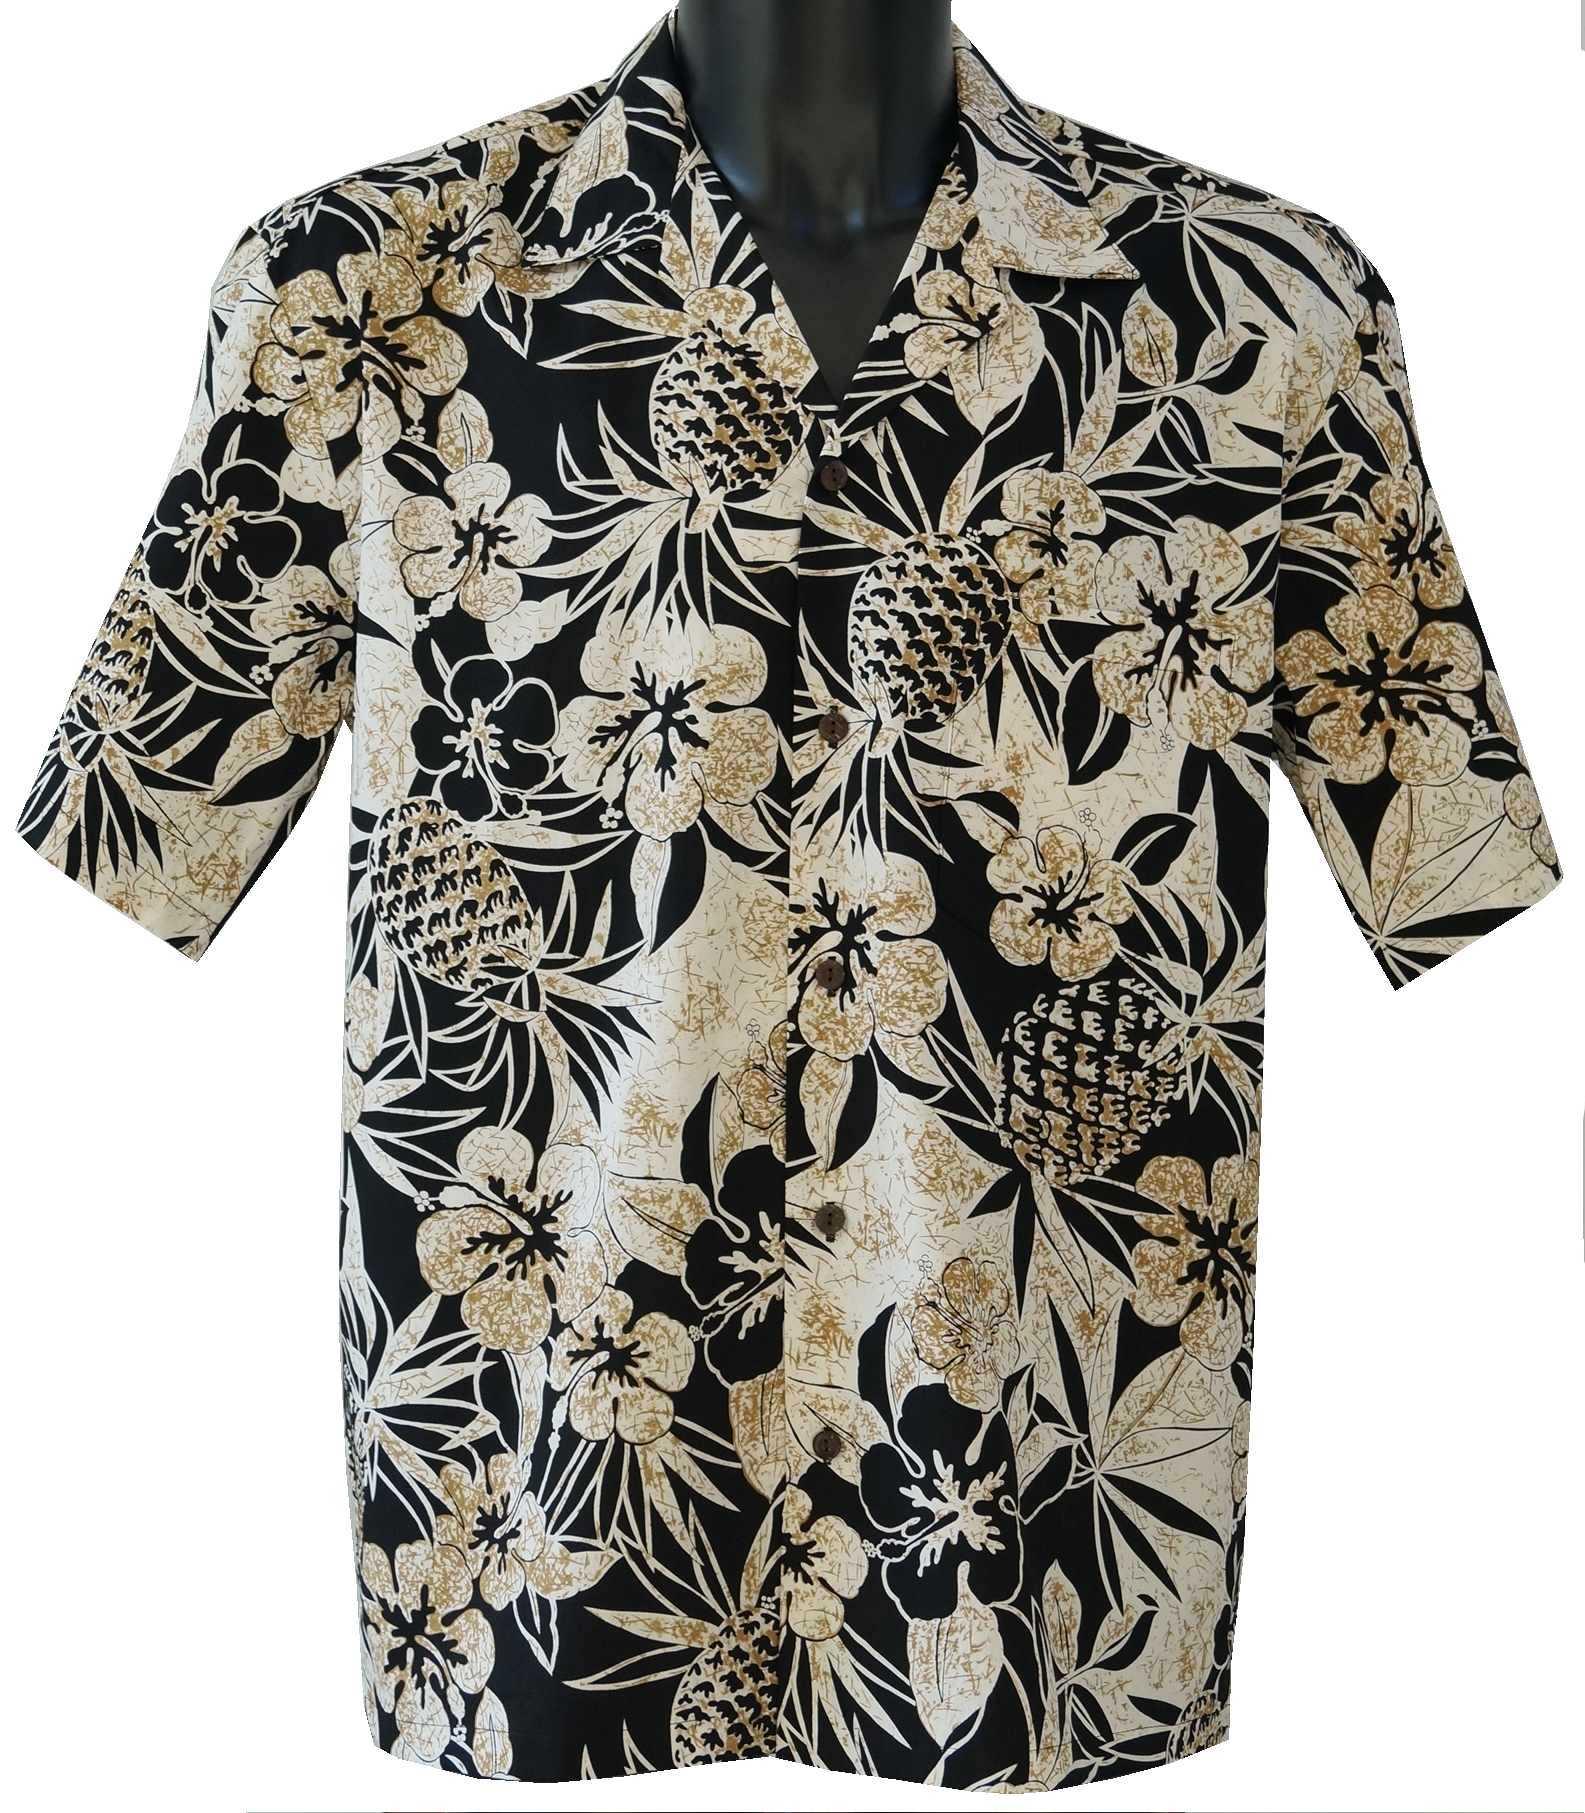 Homme A Hawaienne chemises Chemises Hawaienne Fleurs Homme chemise xYwqt7tz